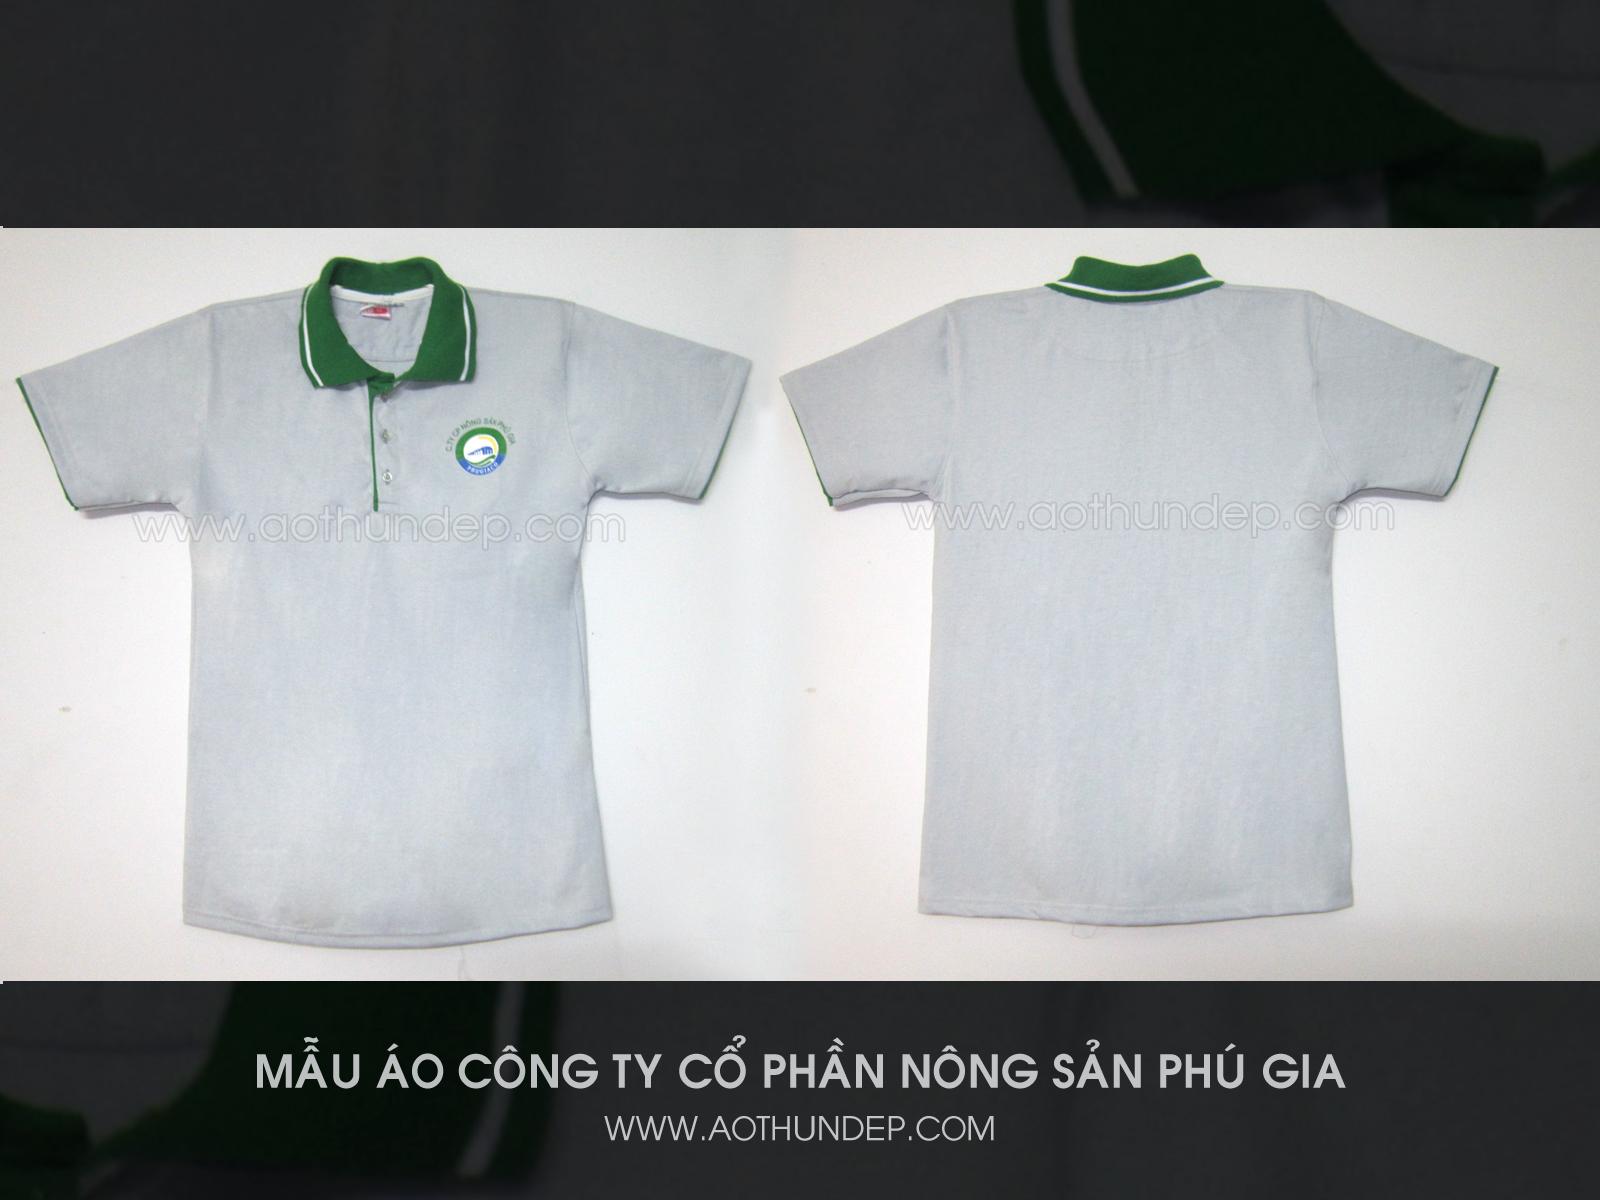 Áo thun đồng phục công ty Phú Gia